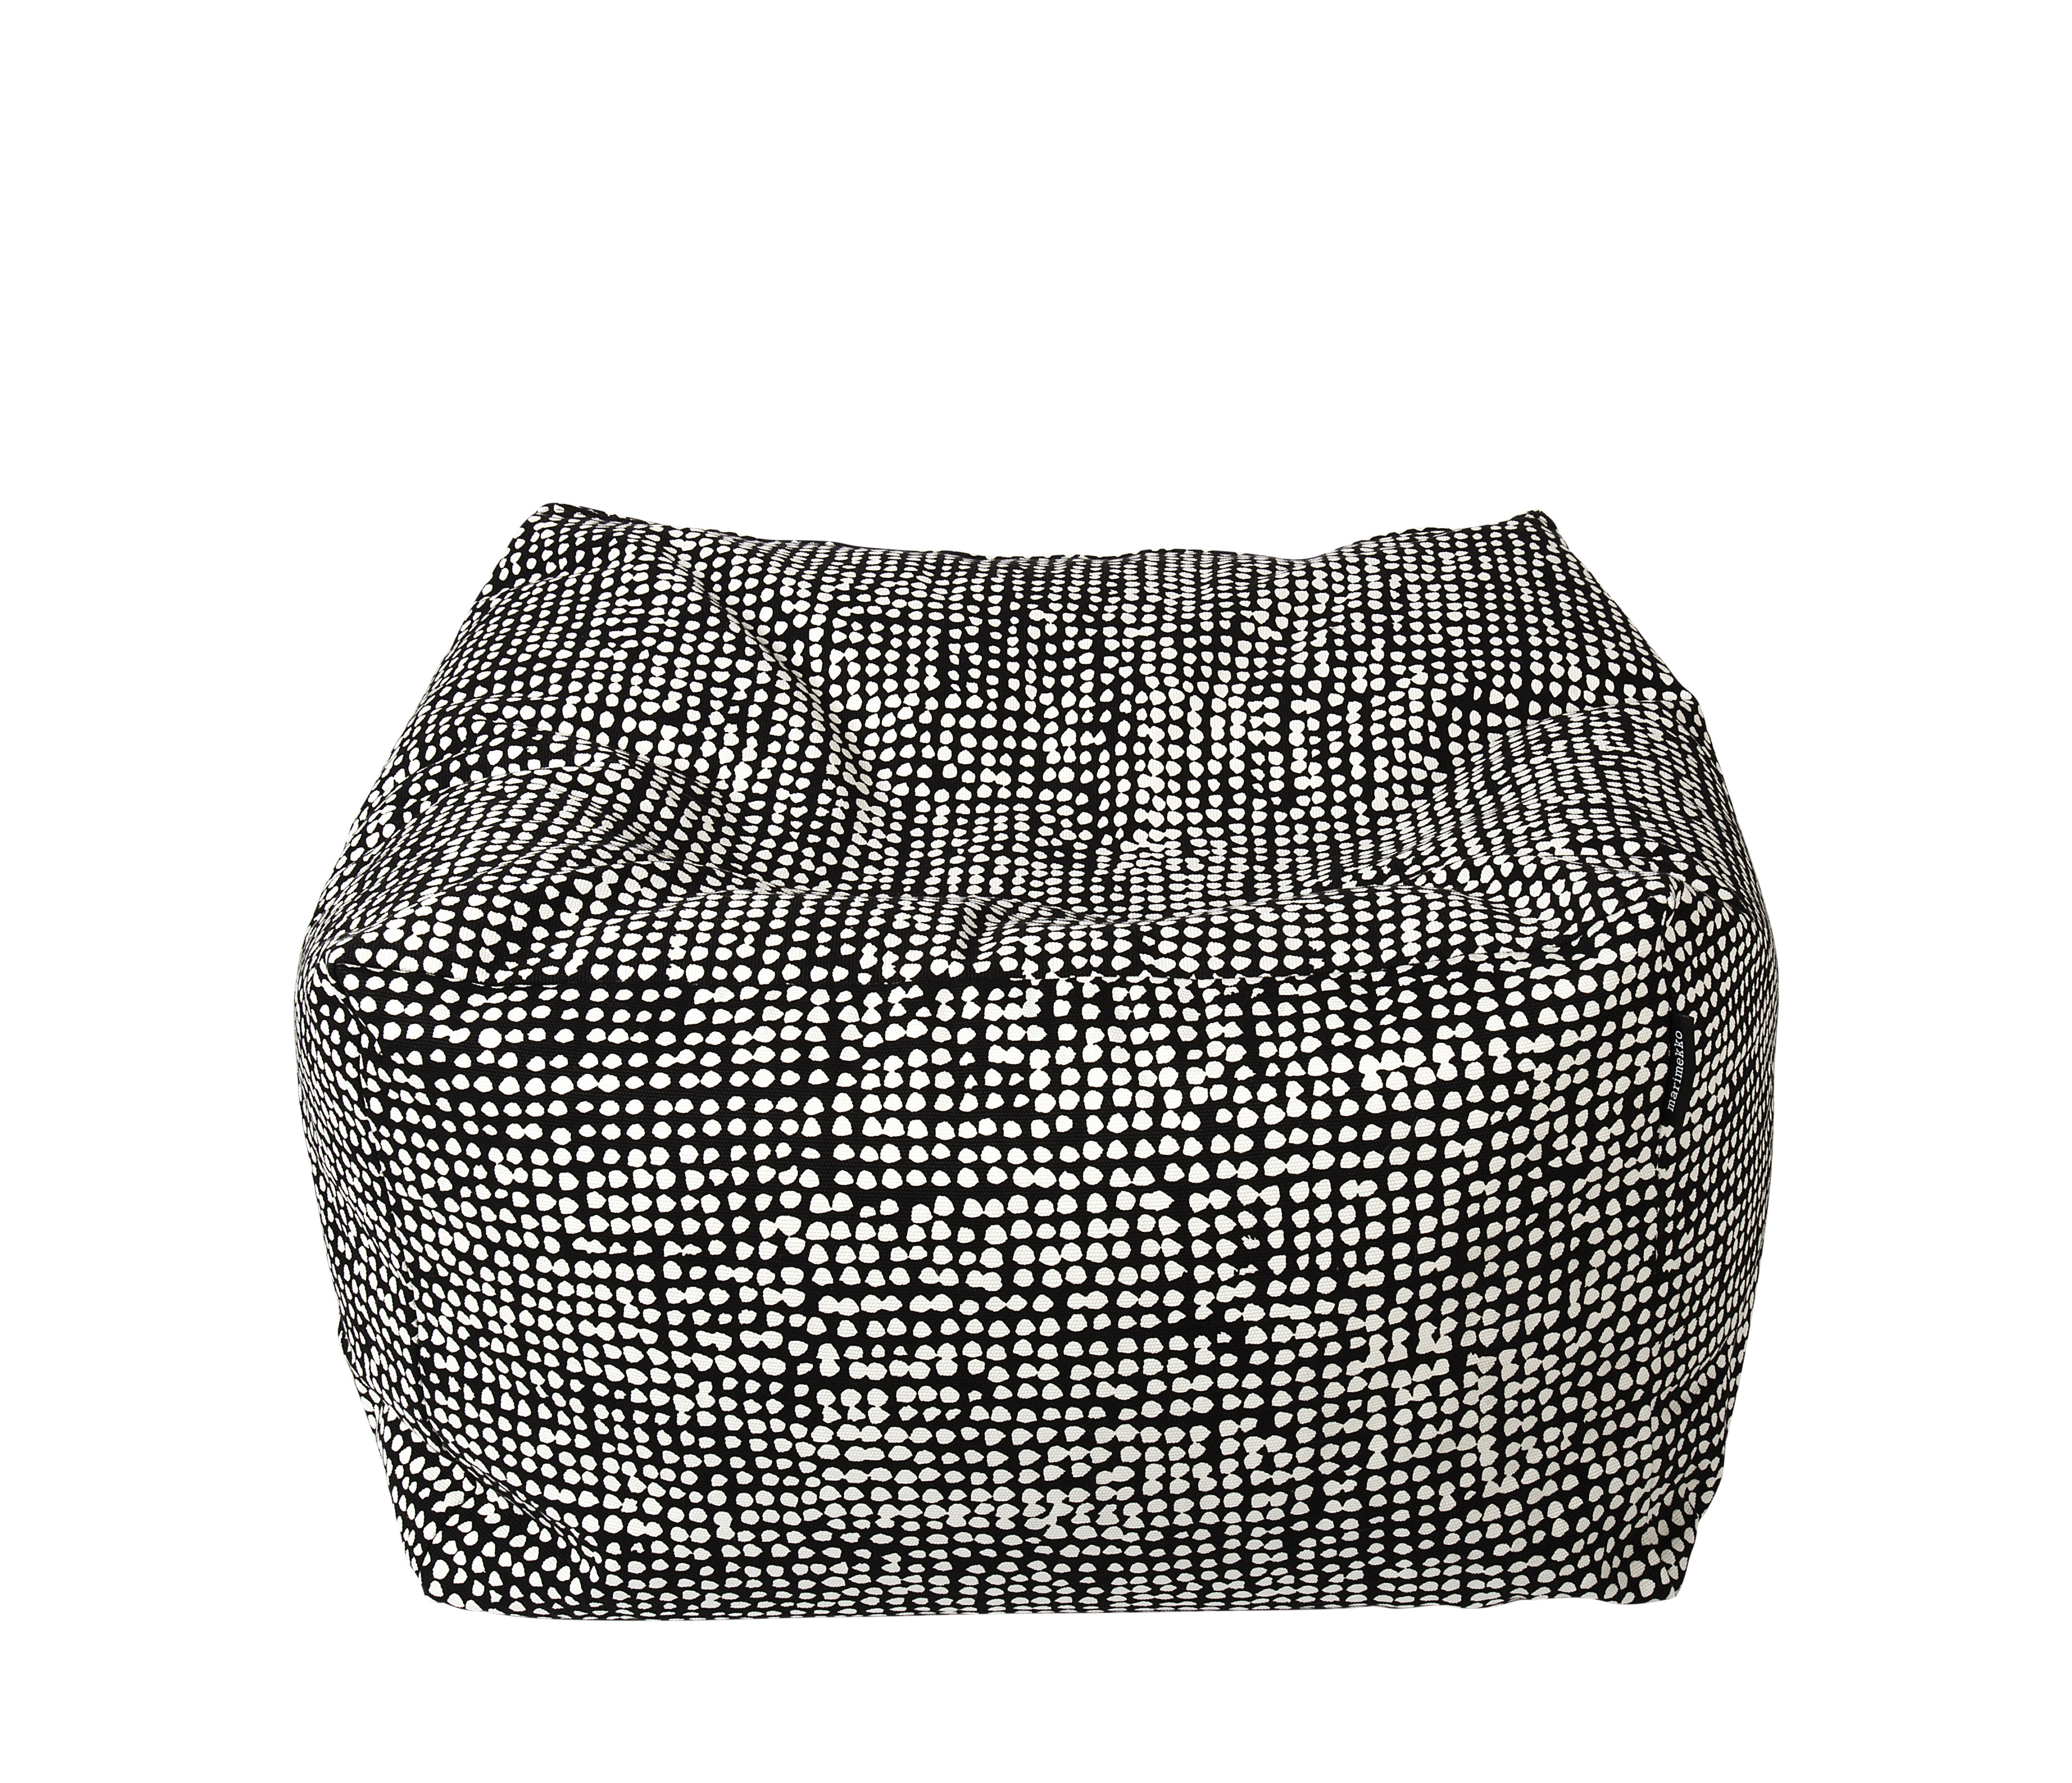 Furniture - Poufs & Floor Cushions - Orkanen Pouf - / 55 x 55 cm by Marimekko - Orkanen / Black & white - Billes de polystyrène expansé, Coton épais